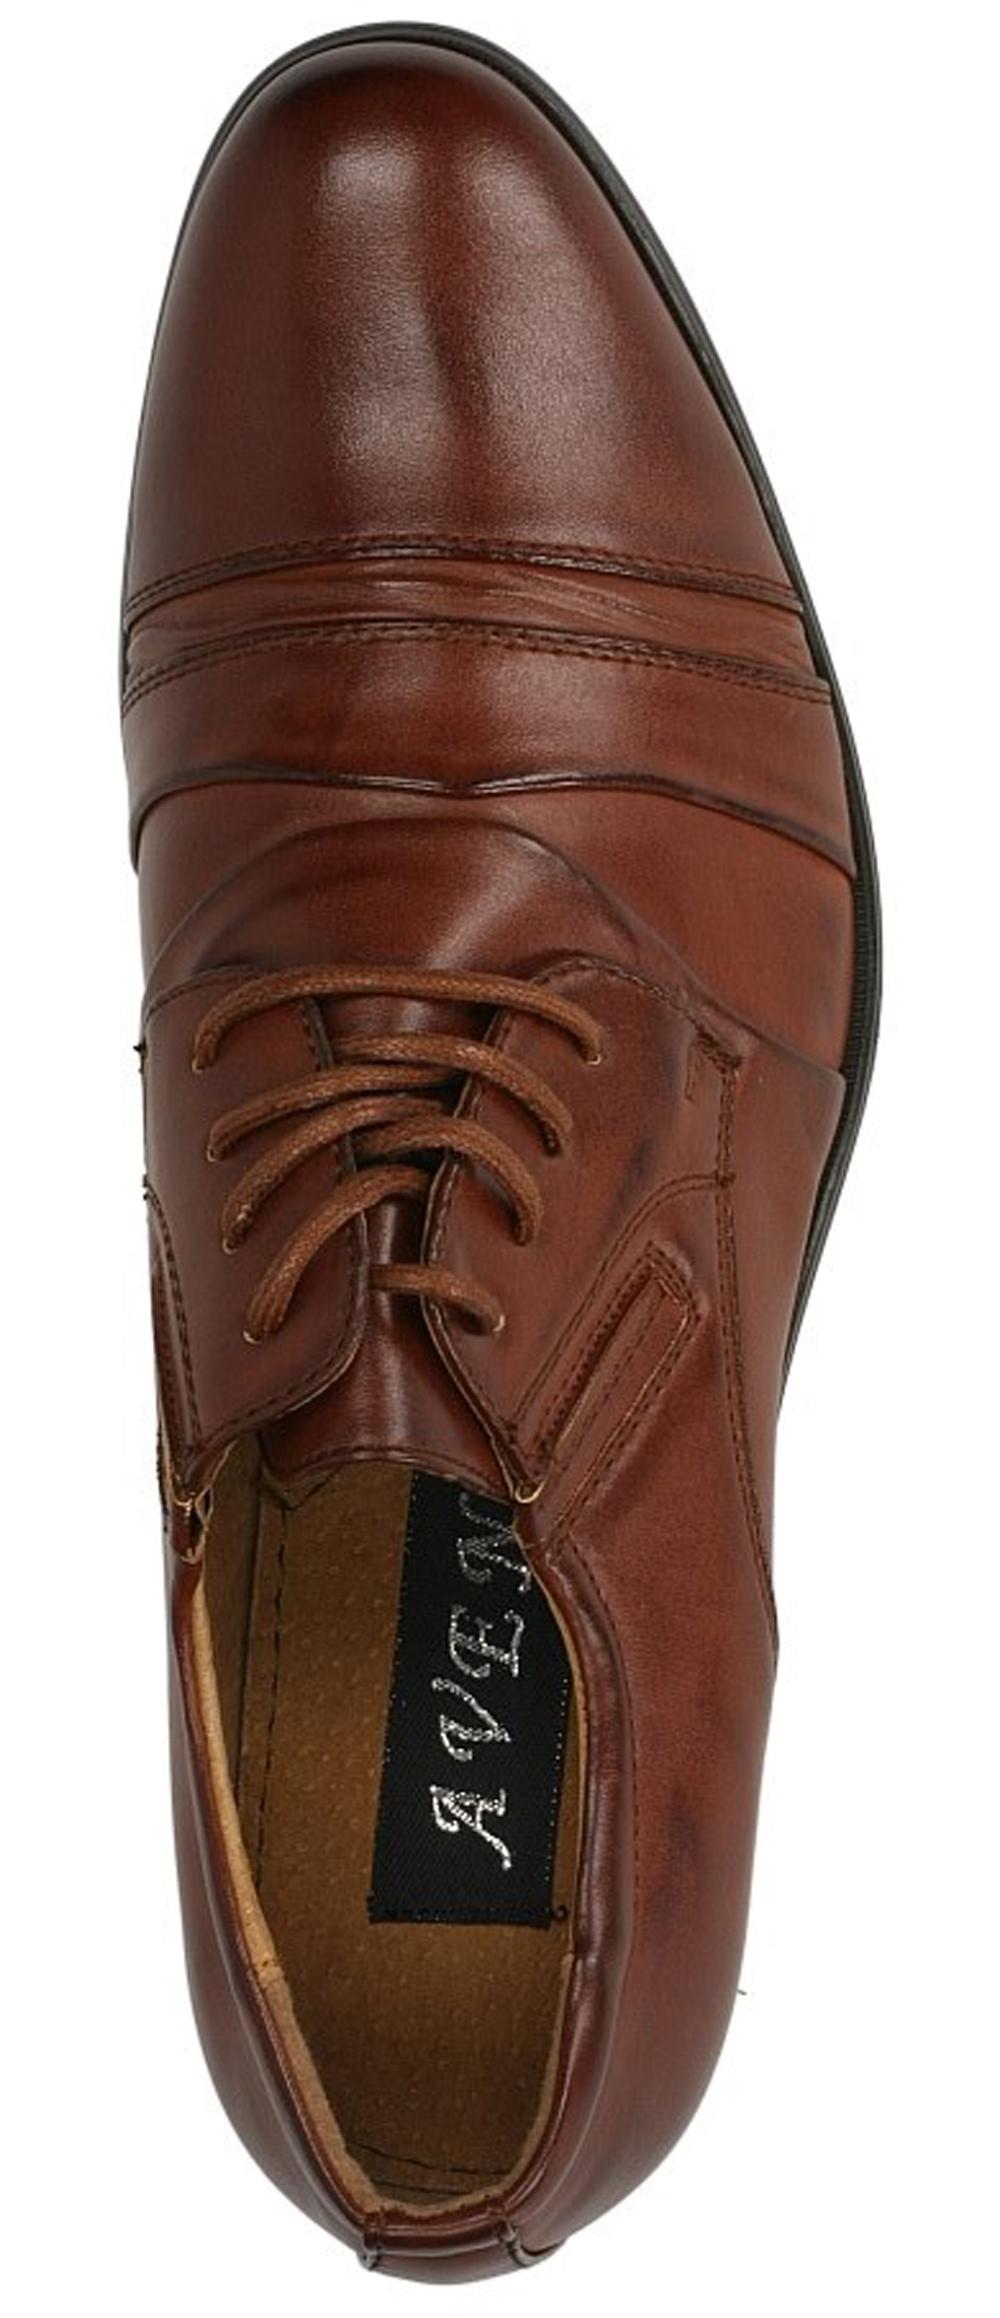 Brązowe buty wizytowe sznurowane Casu 1112-3 wysokosc_obcasa 3 cm